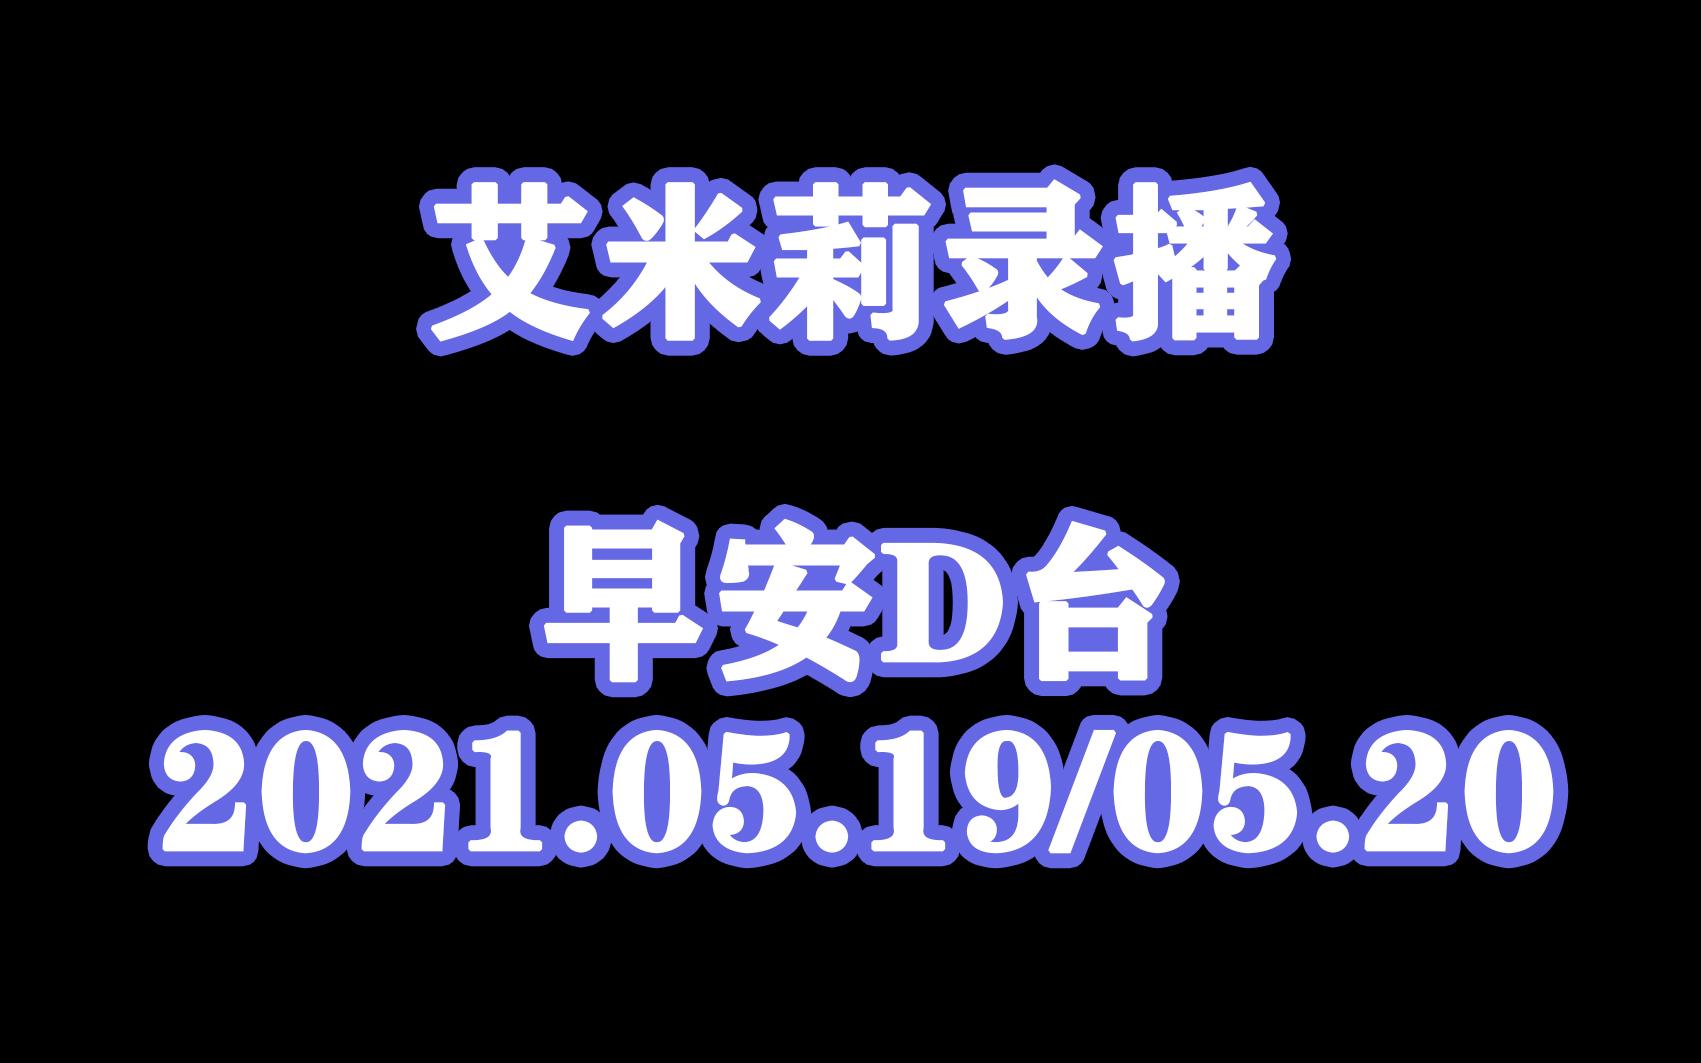 ✟艾米莉Emily✟2021.05.19/05.20【早安D台】